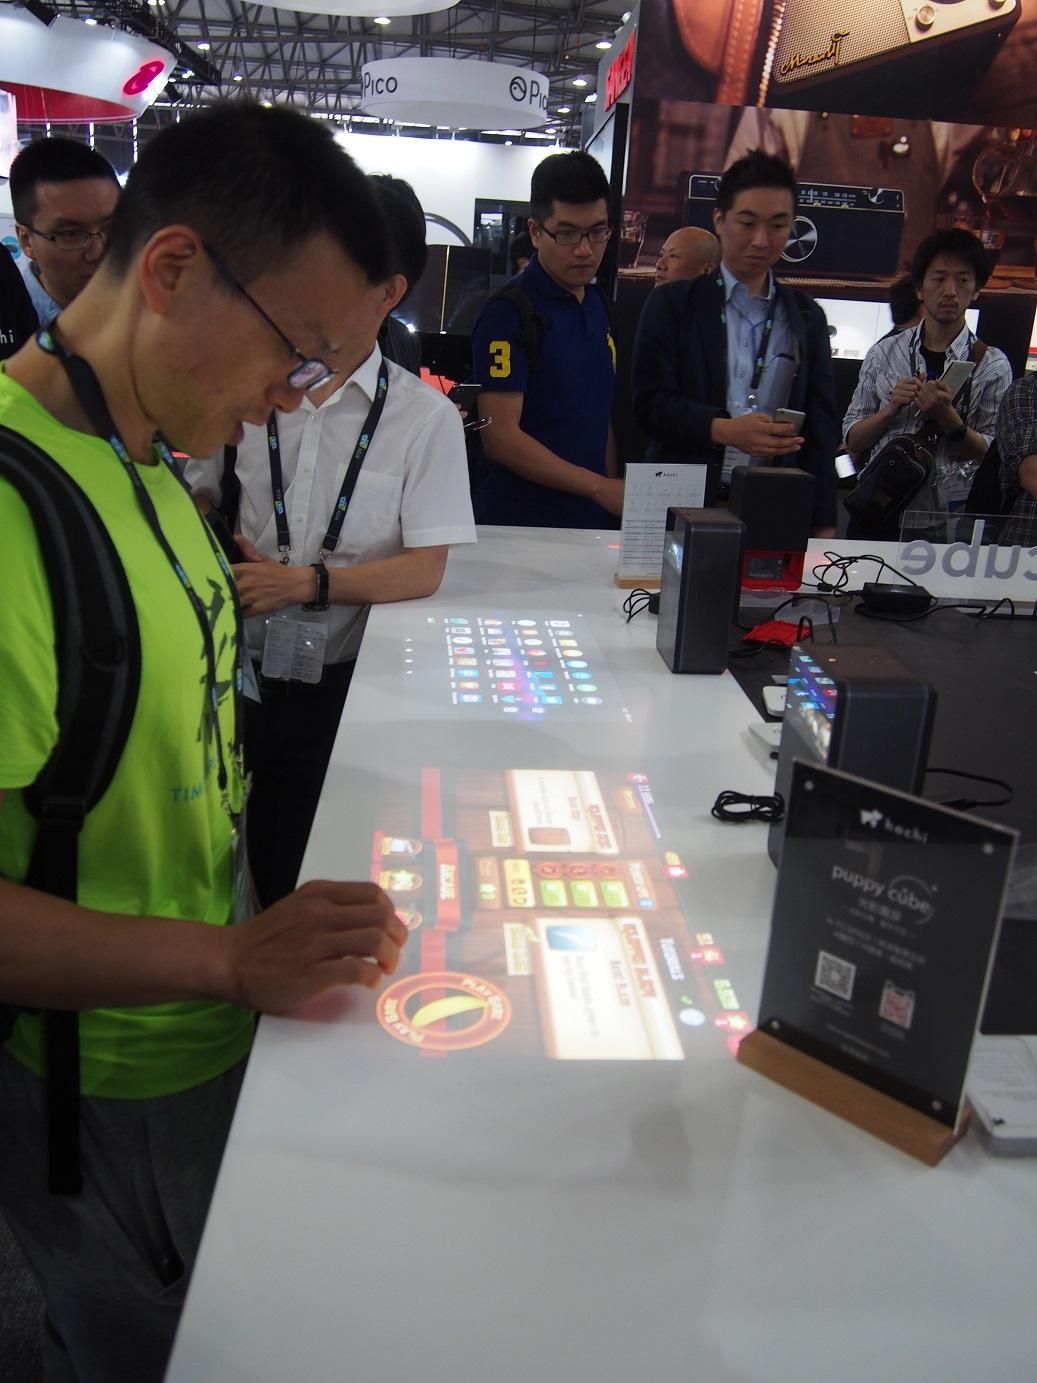 Projektor umožňujúci interaktívne hranie hier, hrania na klavíri, či práce v MS Office